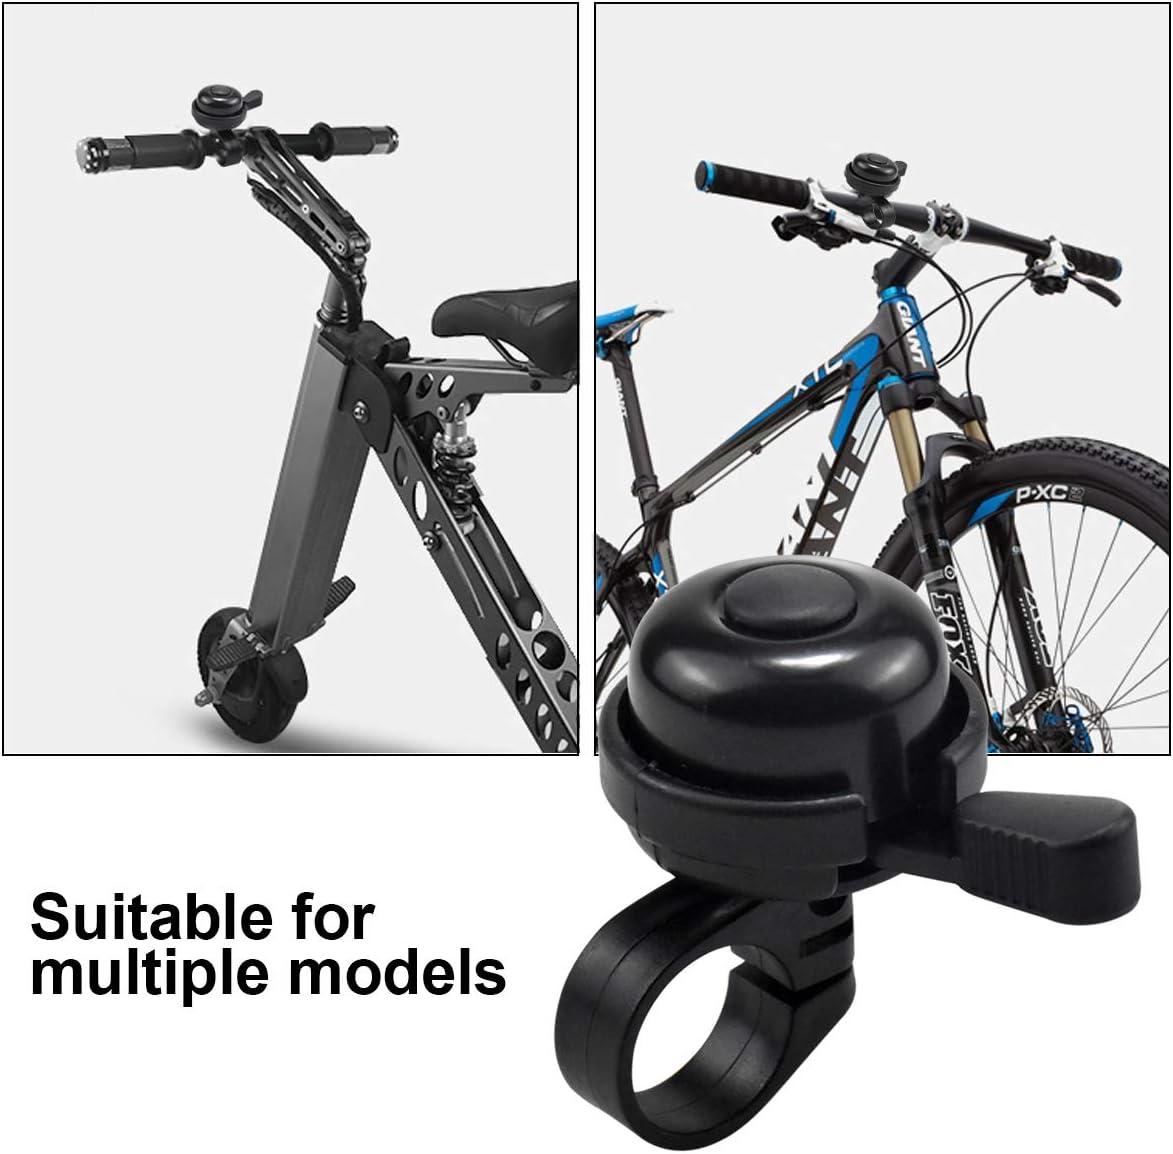 Negro Bicicleta de Bell del Manillar Accesorio Bocina de Bicicleta de Bell del Manillar Timbre de Bicicleta,Timbre de Ciclismo Cl/ásica Sonido Fuerte y Claro